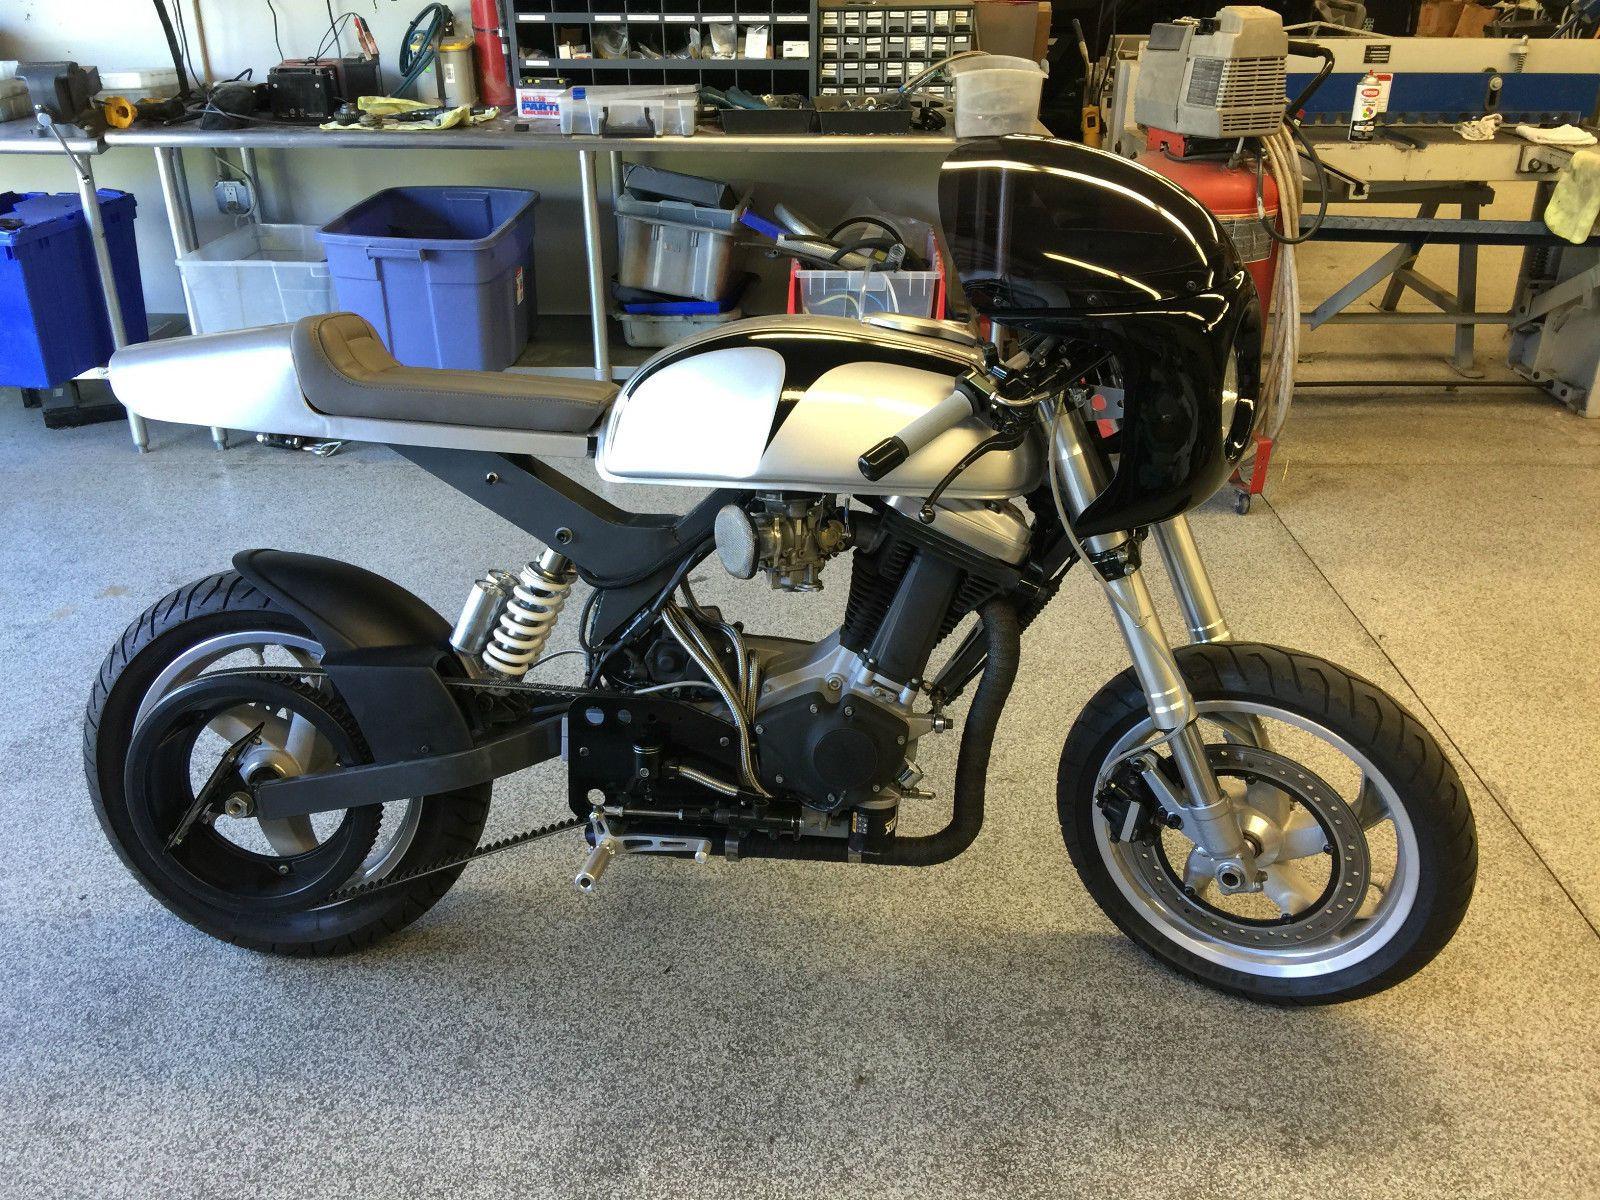 Custom Built Cafe Racer Buell Engine Custom Bikes For Sale